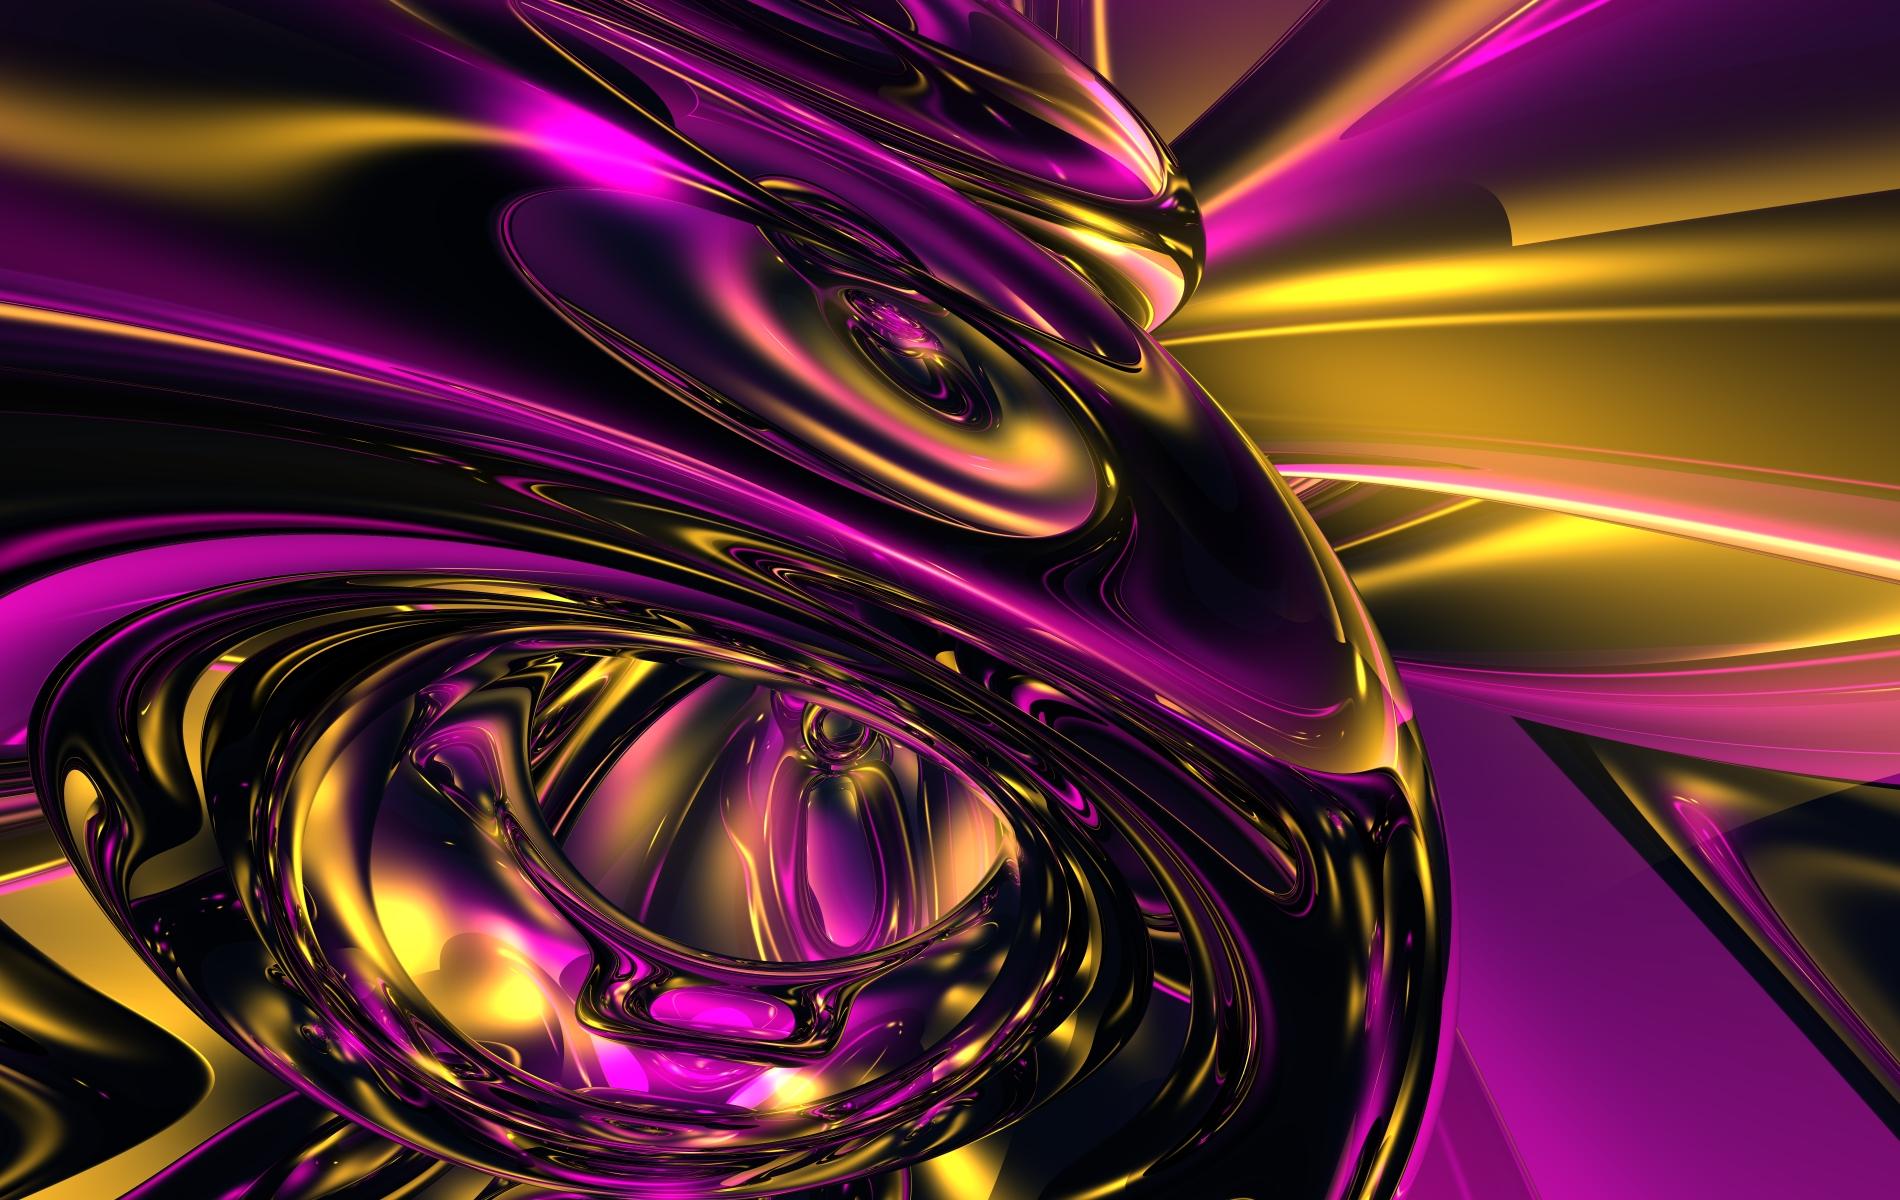 Gold Abstract Wallpaper - WallpaperSafari